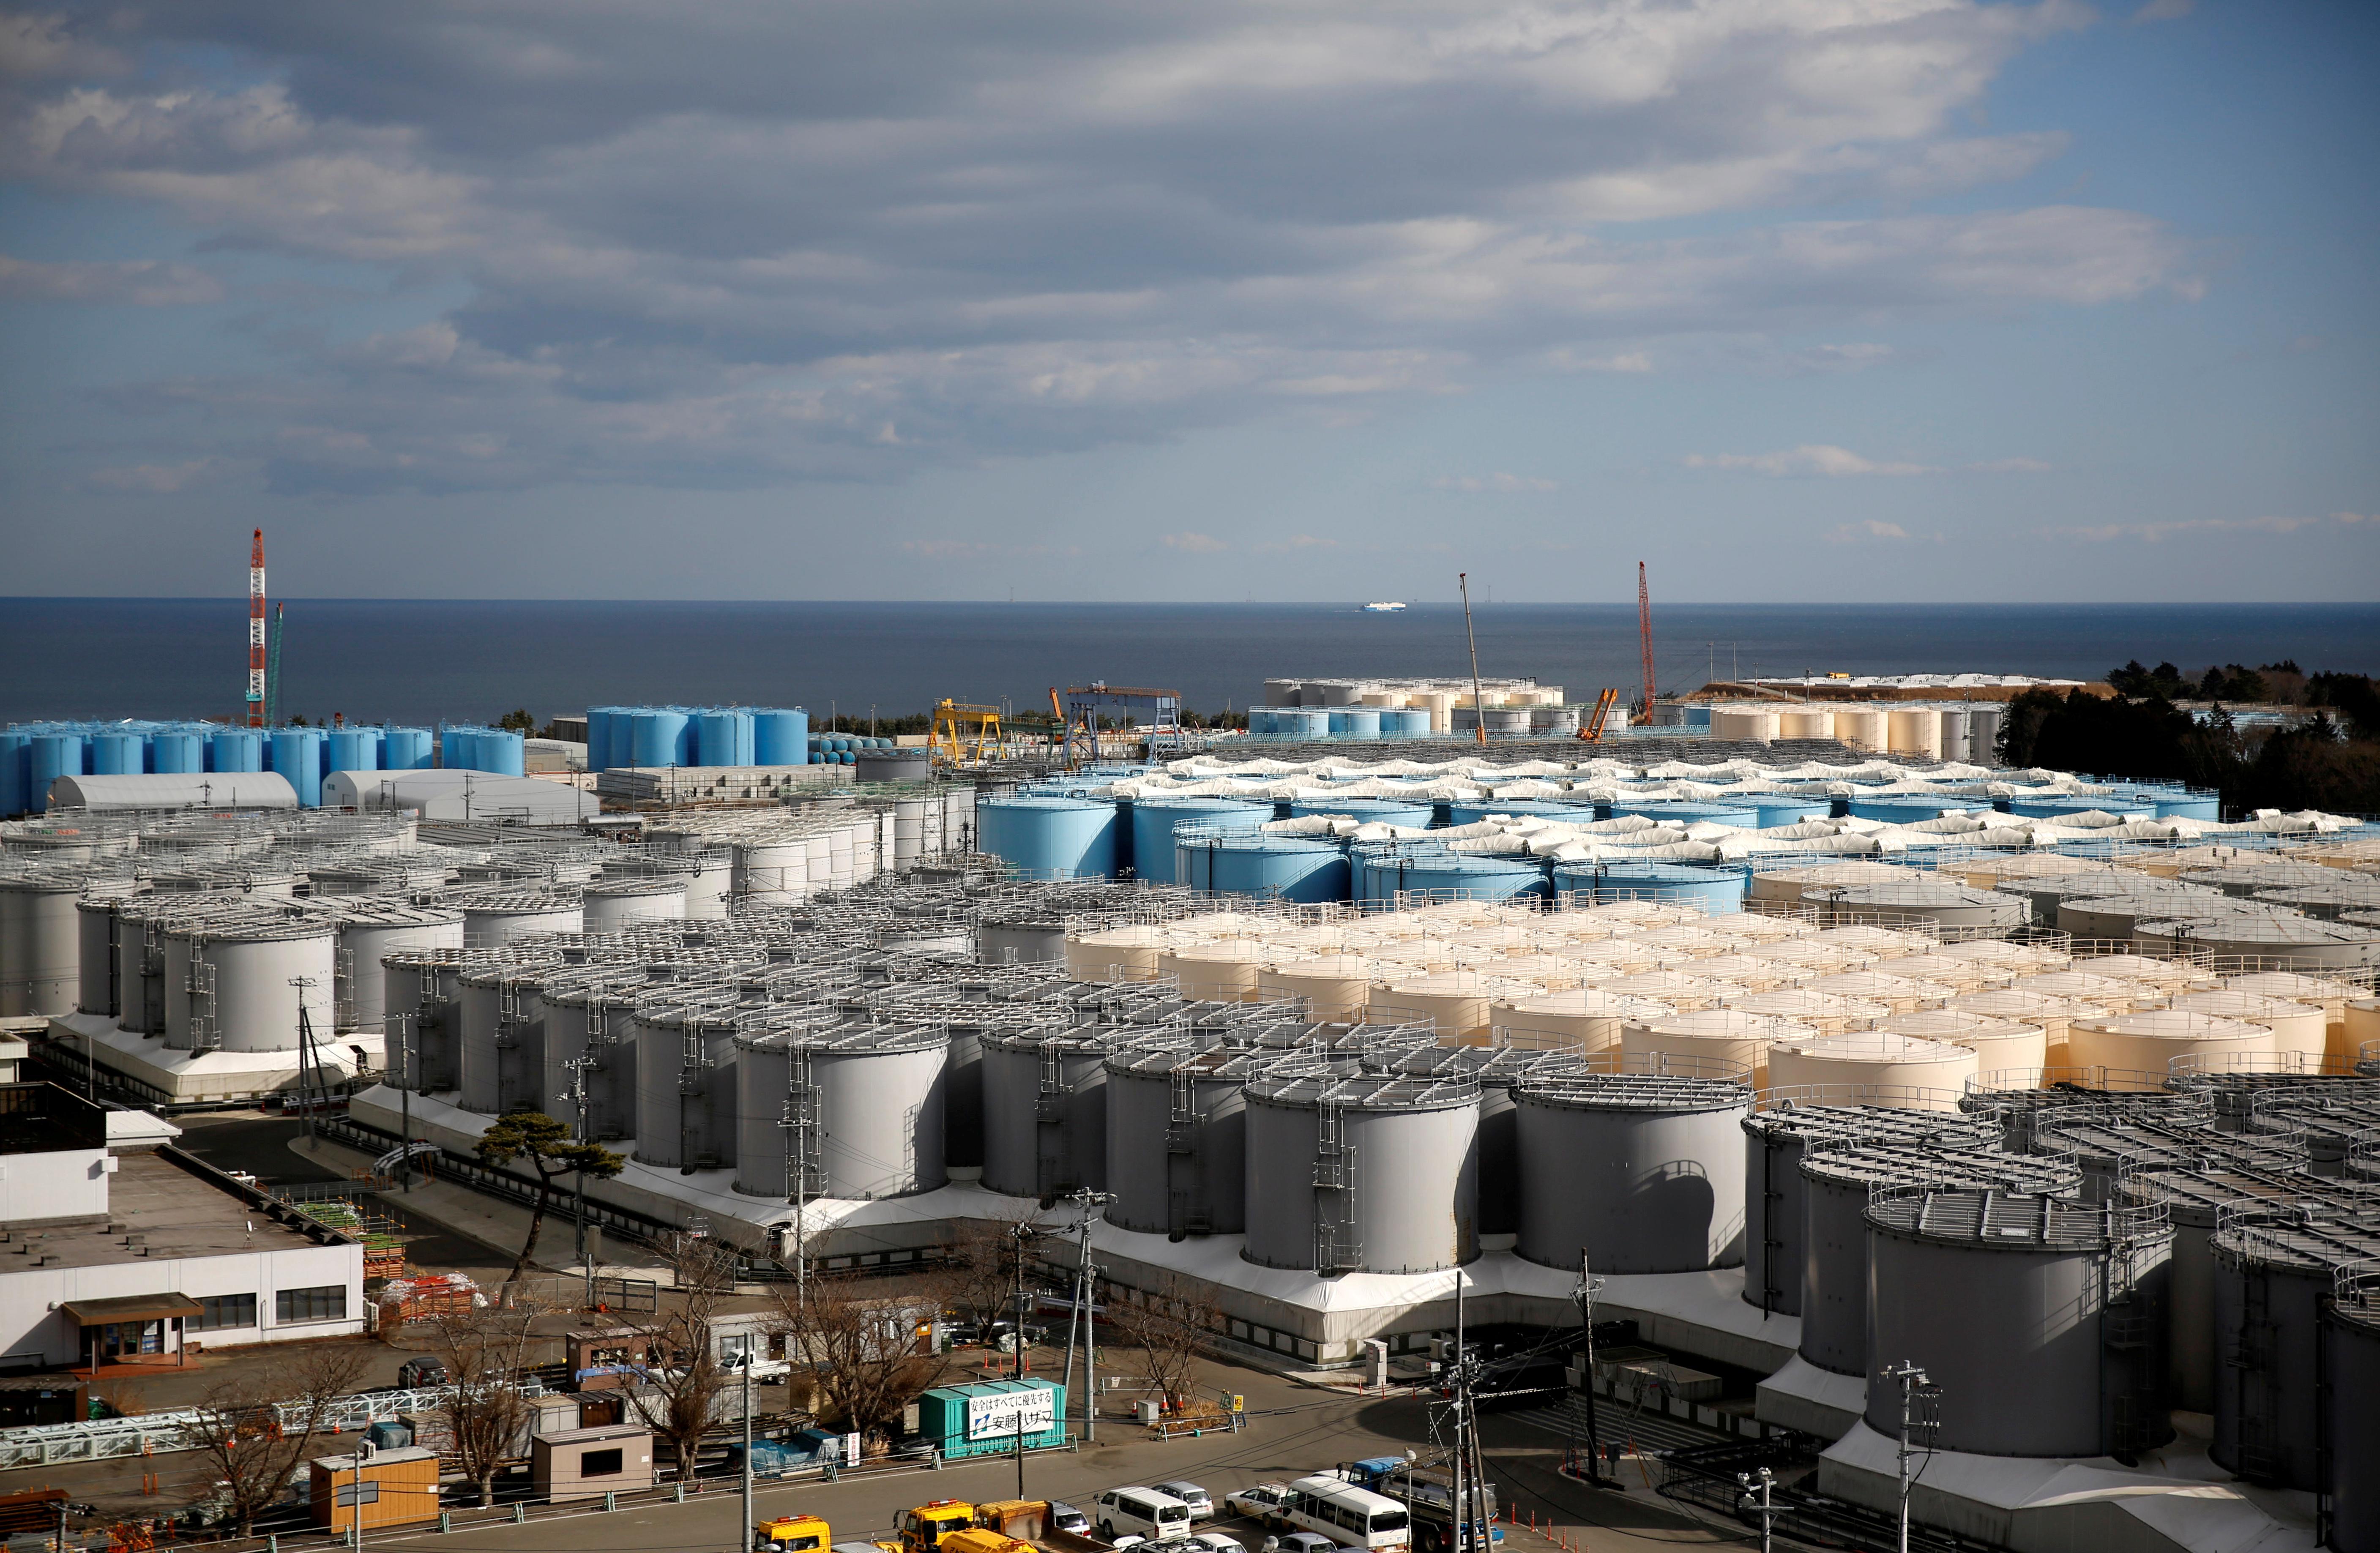 Τρόμος στη Φουκουσίμα! Απειλούν να ρίξουν στον Ειρηνικό ένα εκατ. τόνους ραδιενεργού νερού! Δεν έχουν… που να το βάλουν